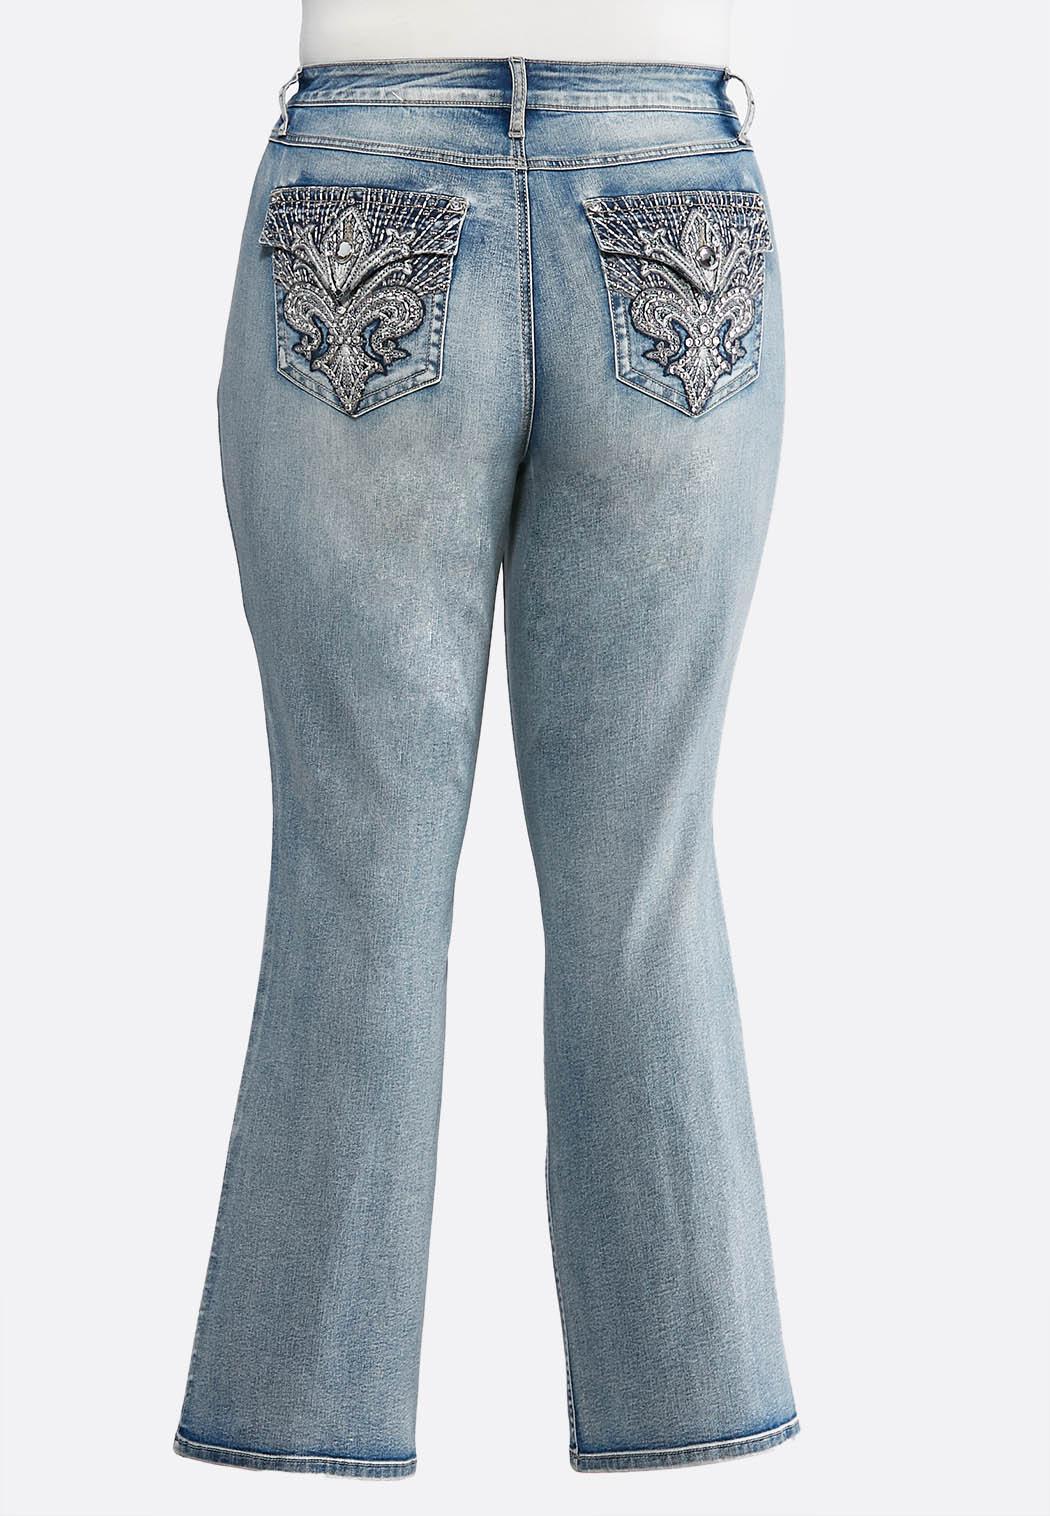 ca1f91cd743 Plus Size Fleur De Lis Pocket Jeans Bootcut Cato Fashions